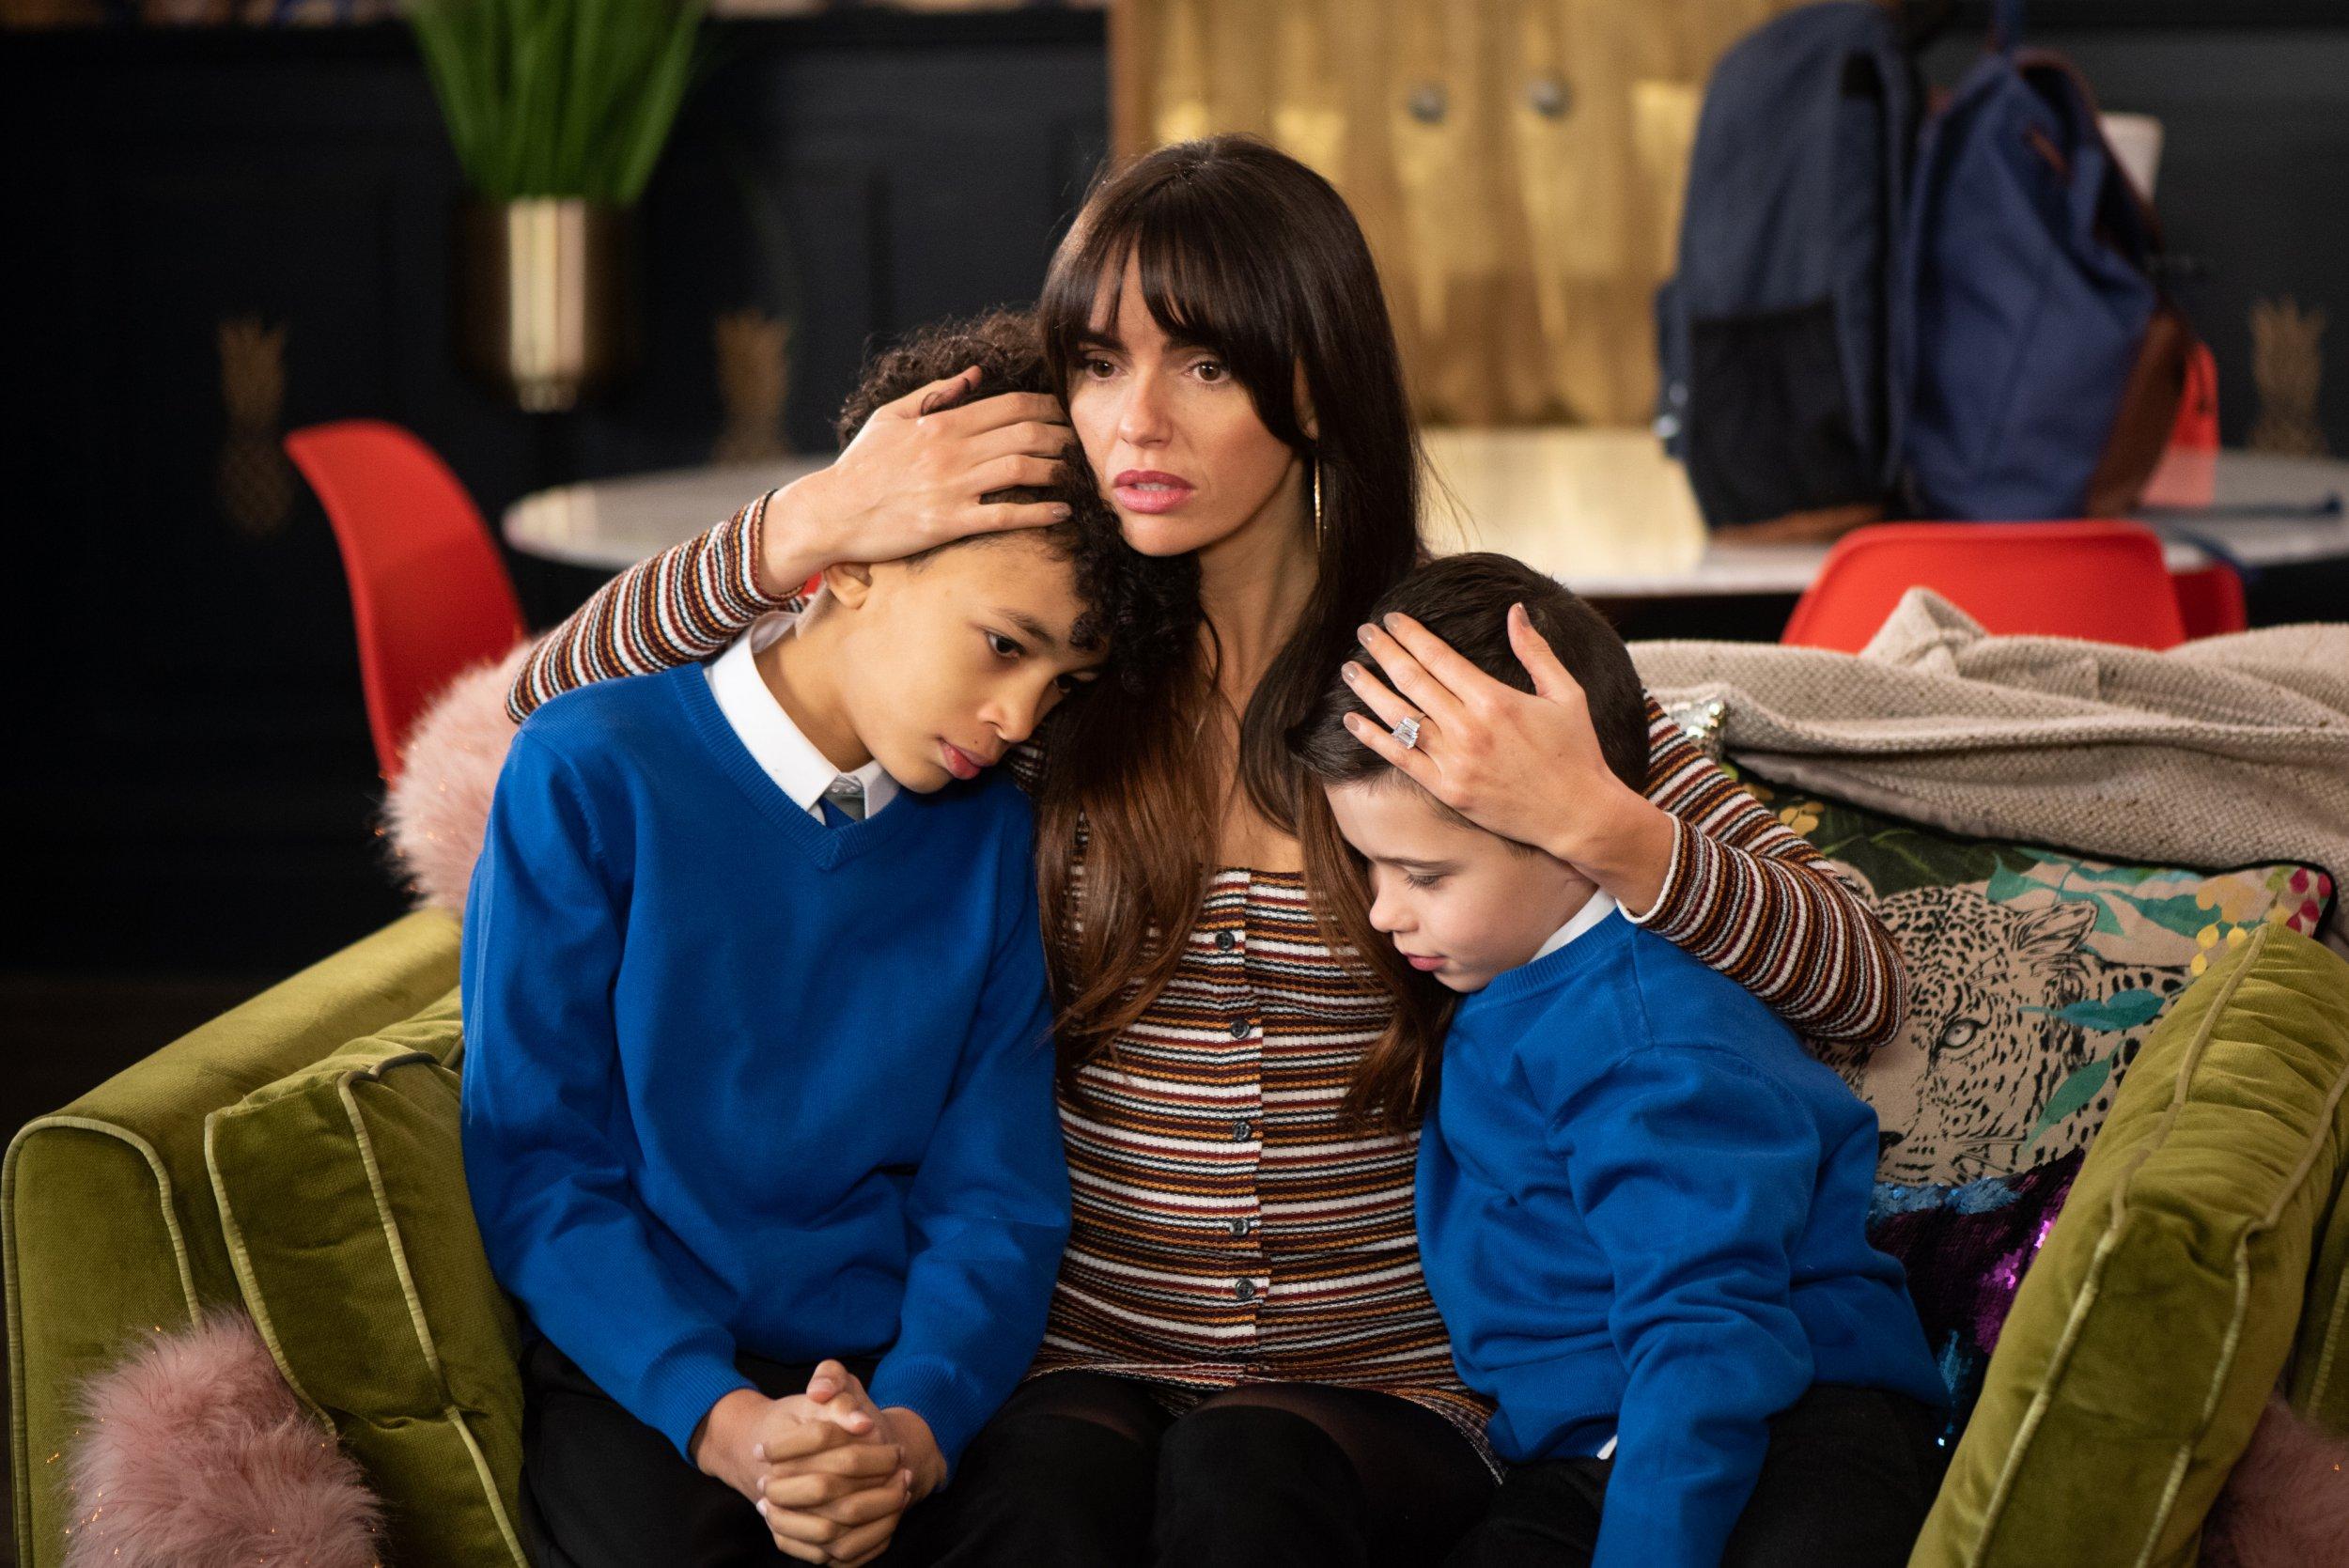 Hollyoaks spoilers: Lisa Loveday frames Mercedes McQueen for drug crime